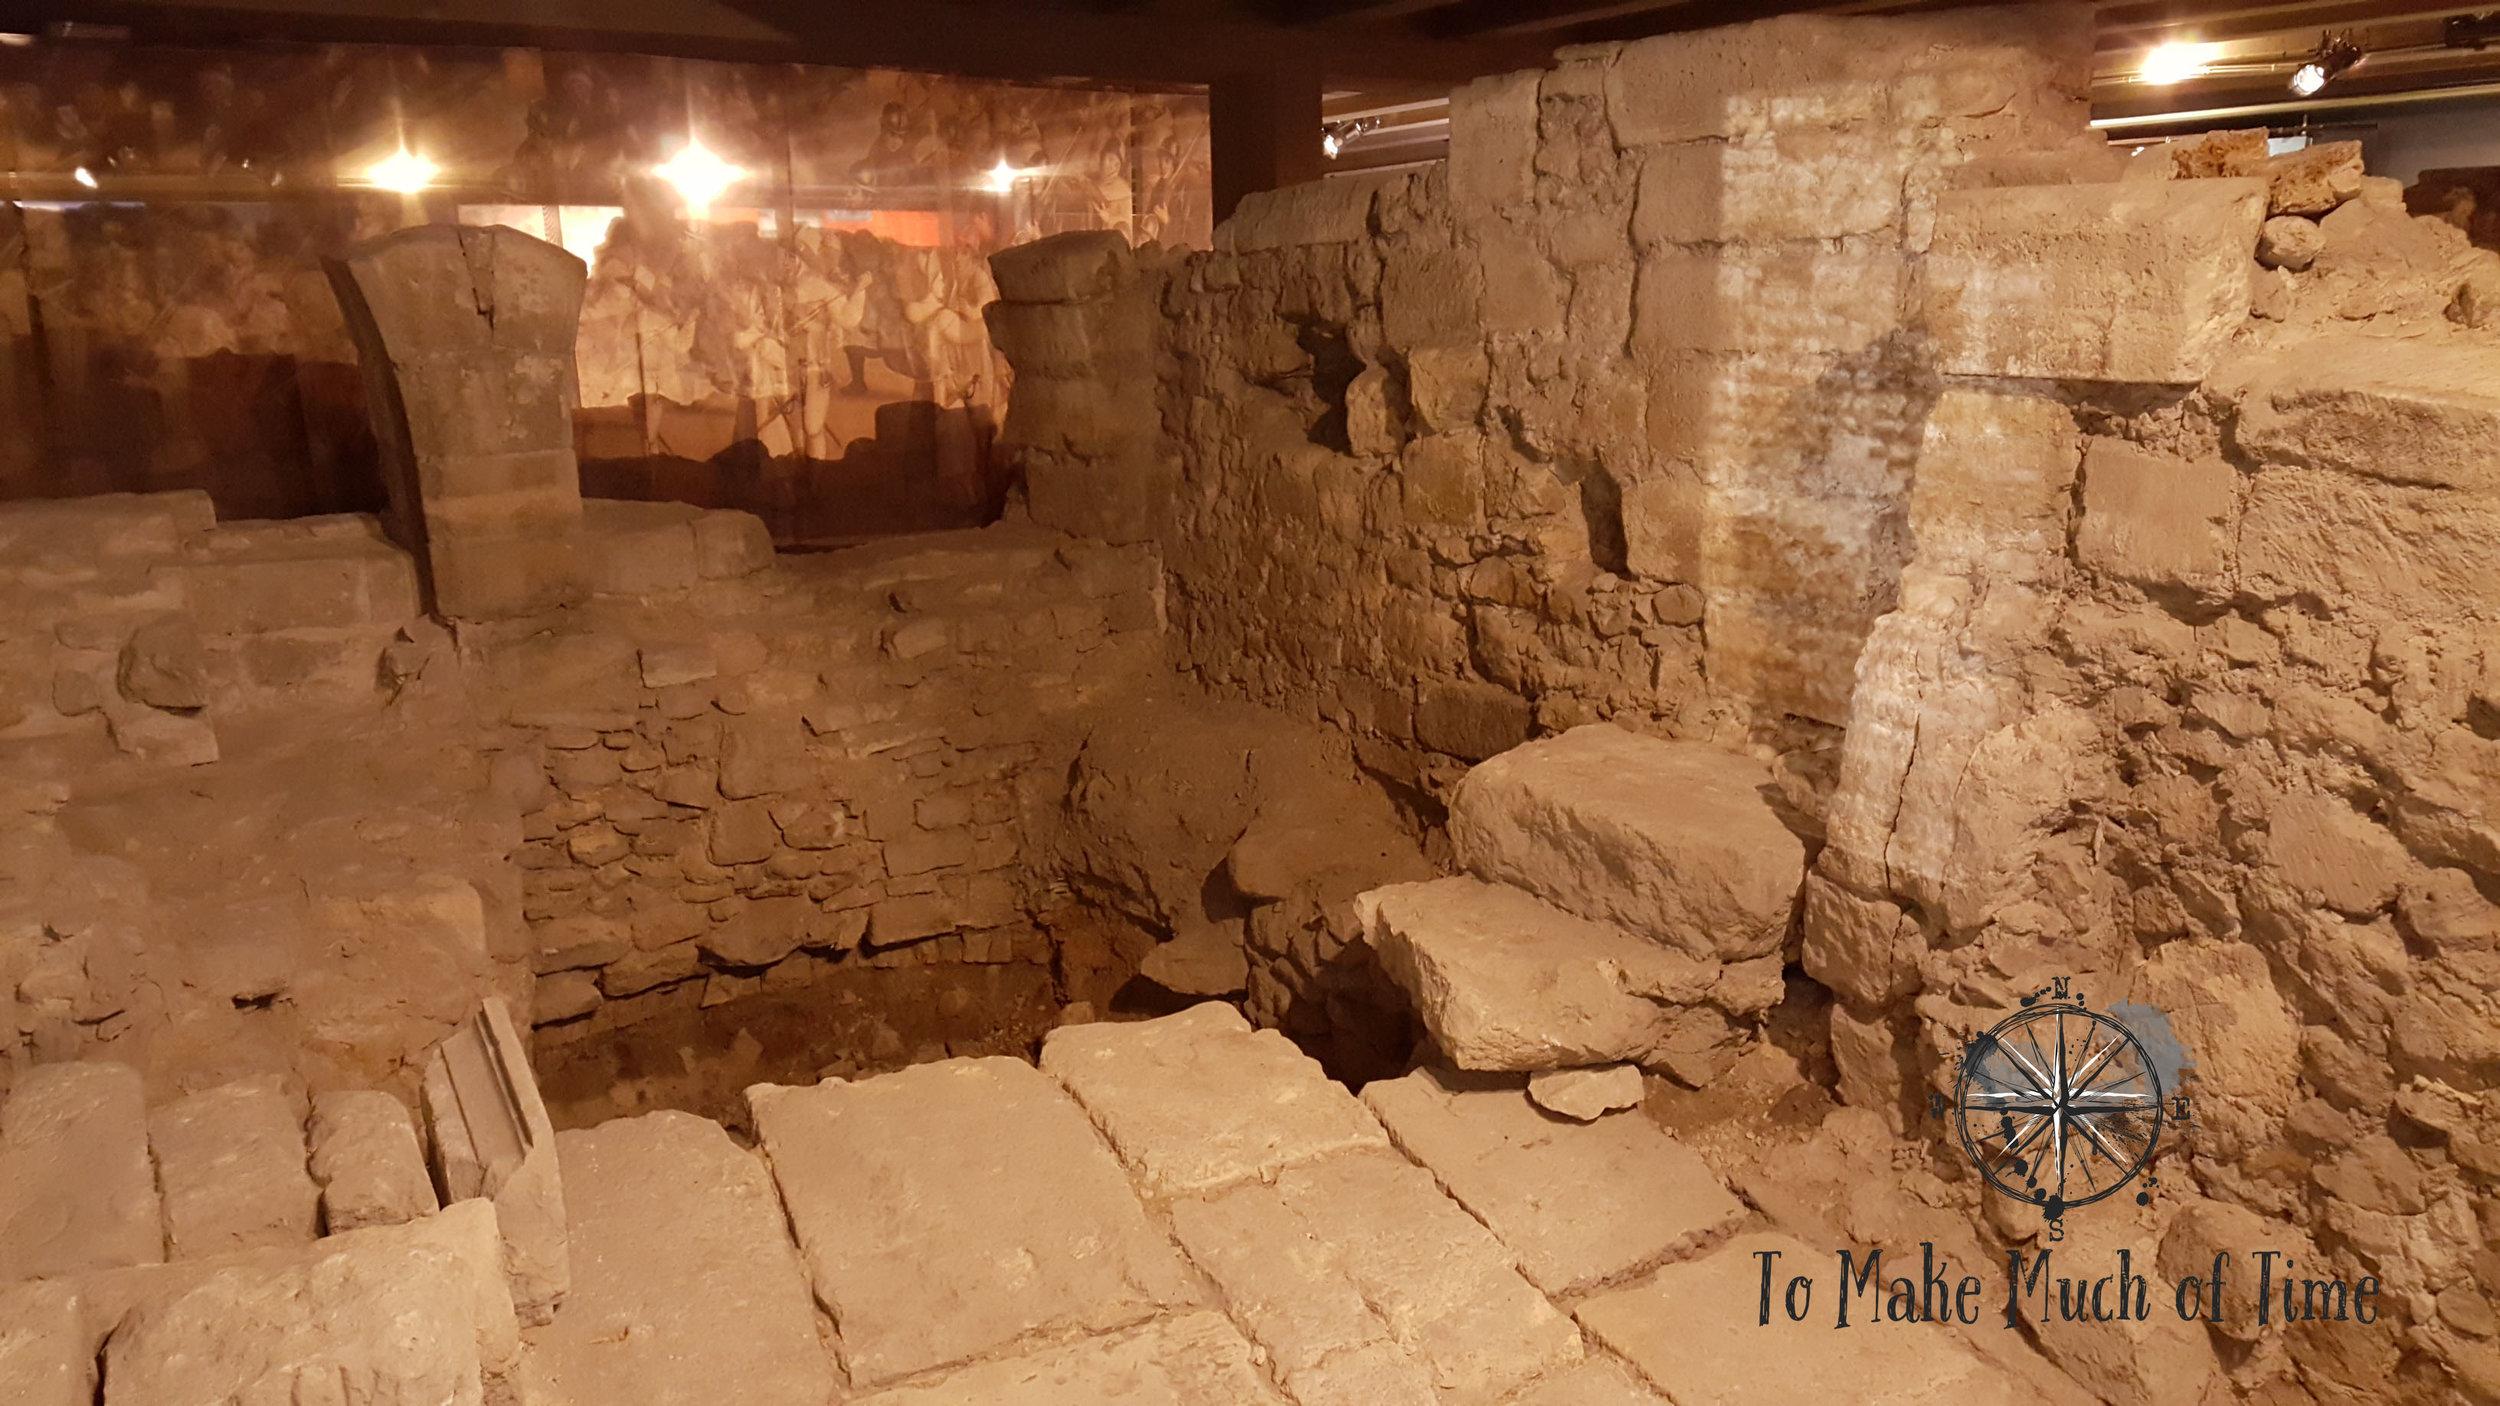 Crypte archéologique de l'île de la Cité | Underground Museum | Paris France | To Make Much of TIme